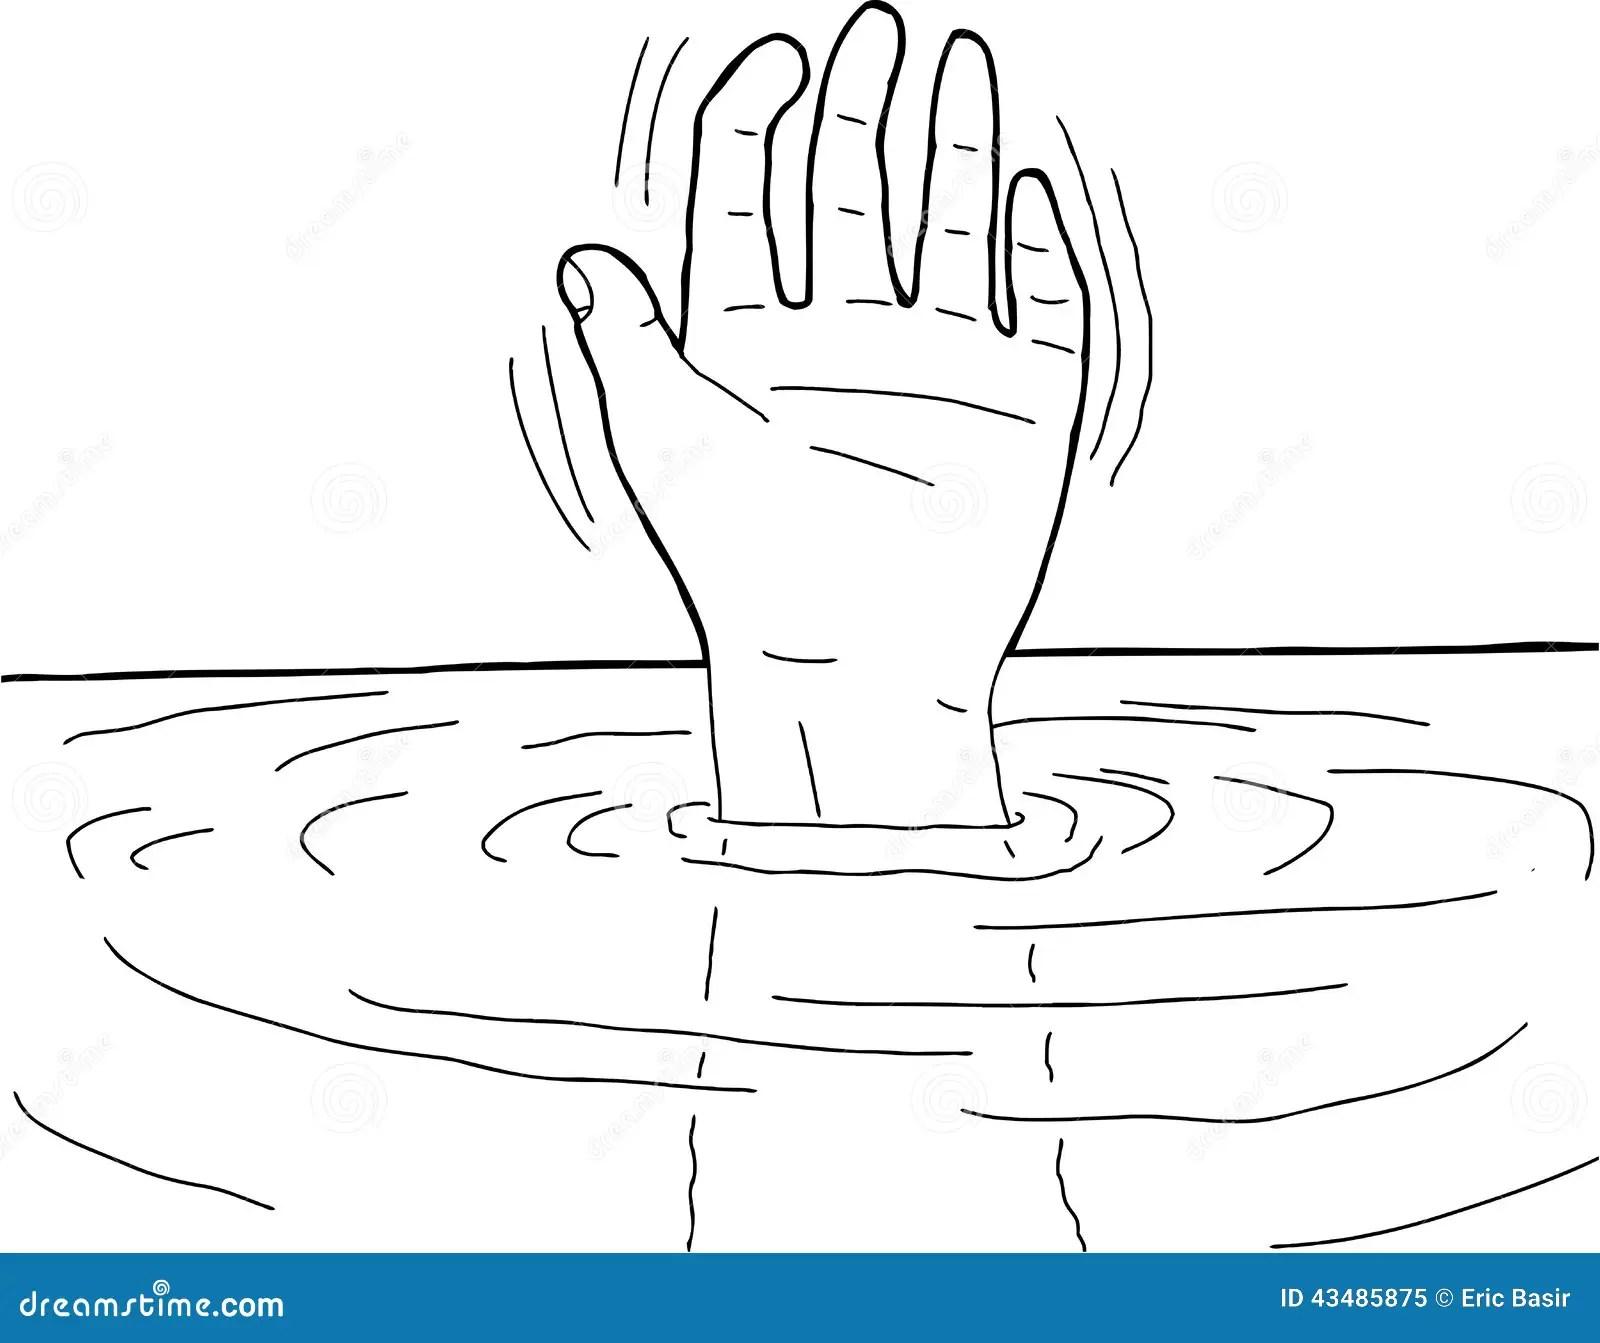 Outline Of Hand In Water Stock Vector